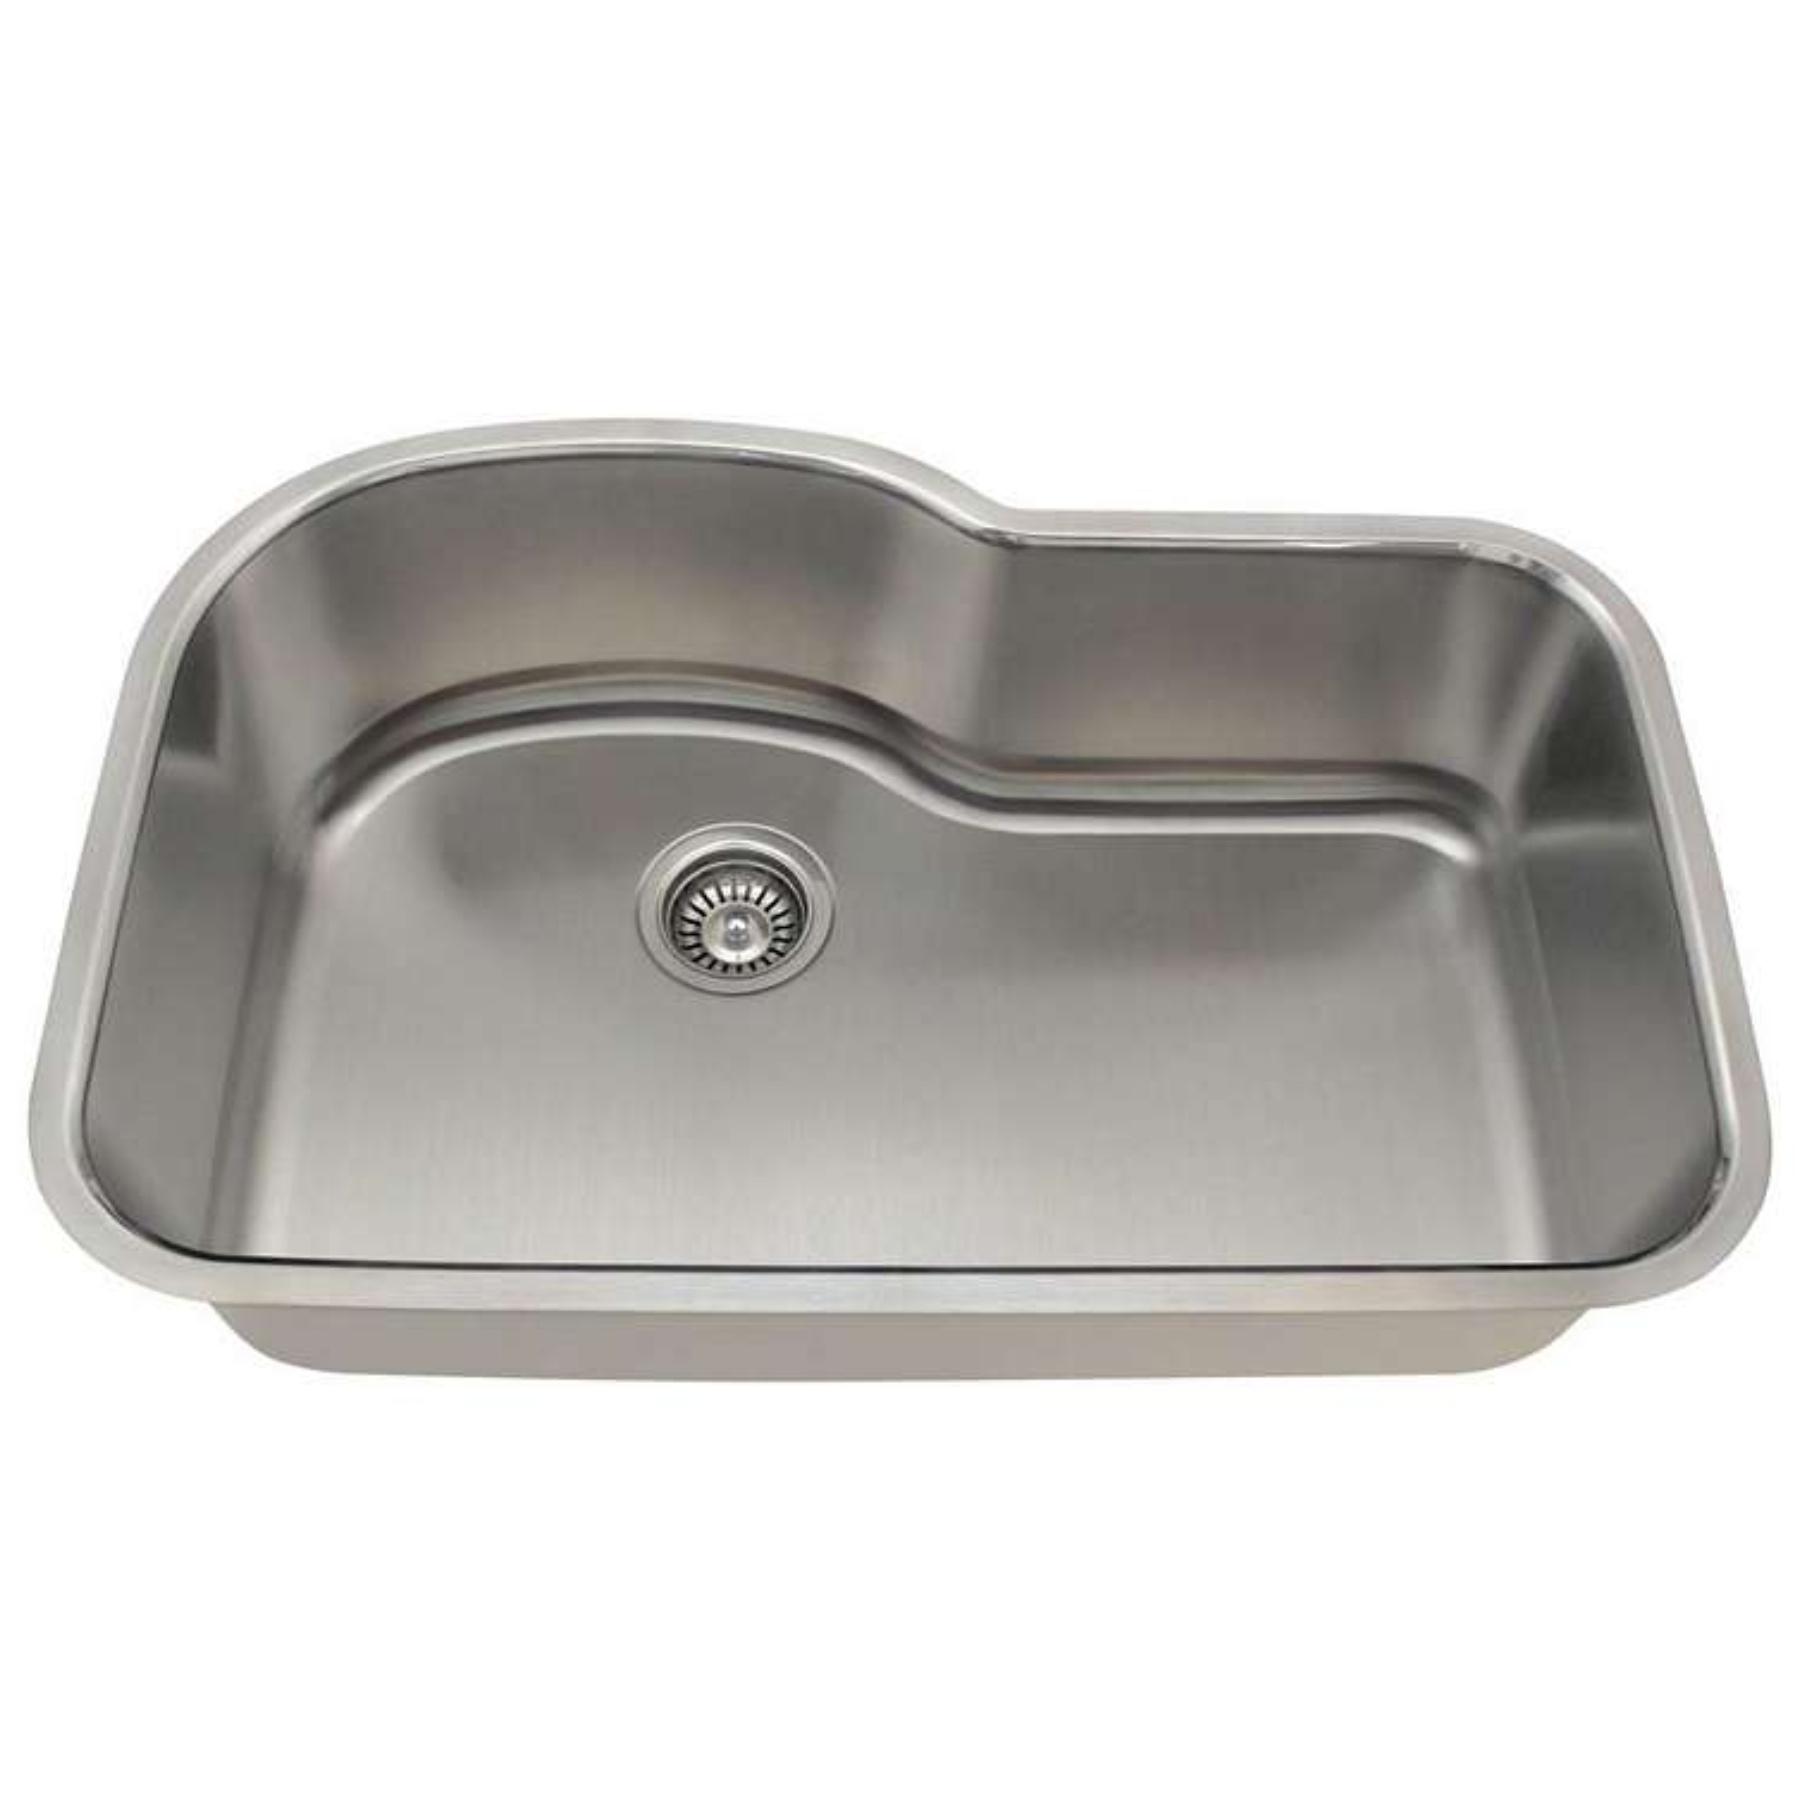 Kitchen sink grids Photo - 6